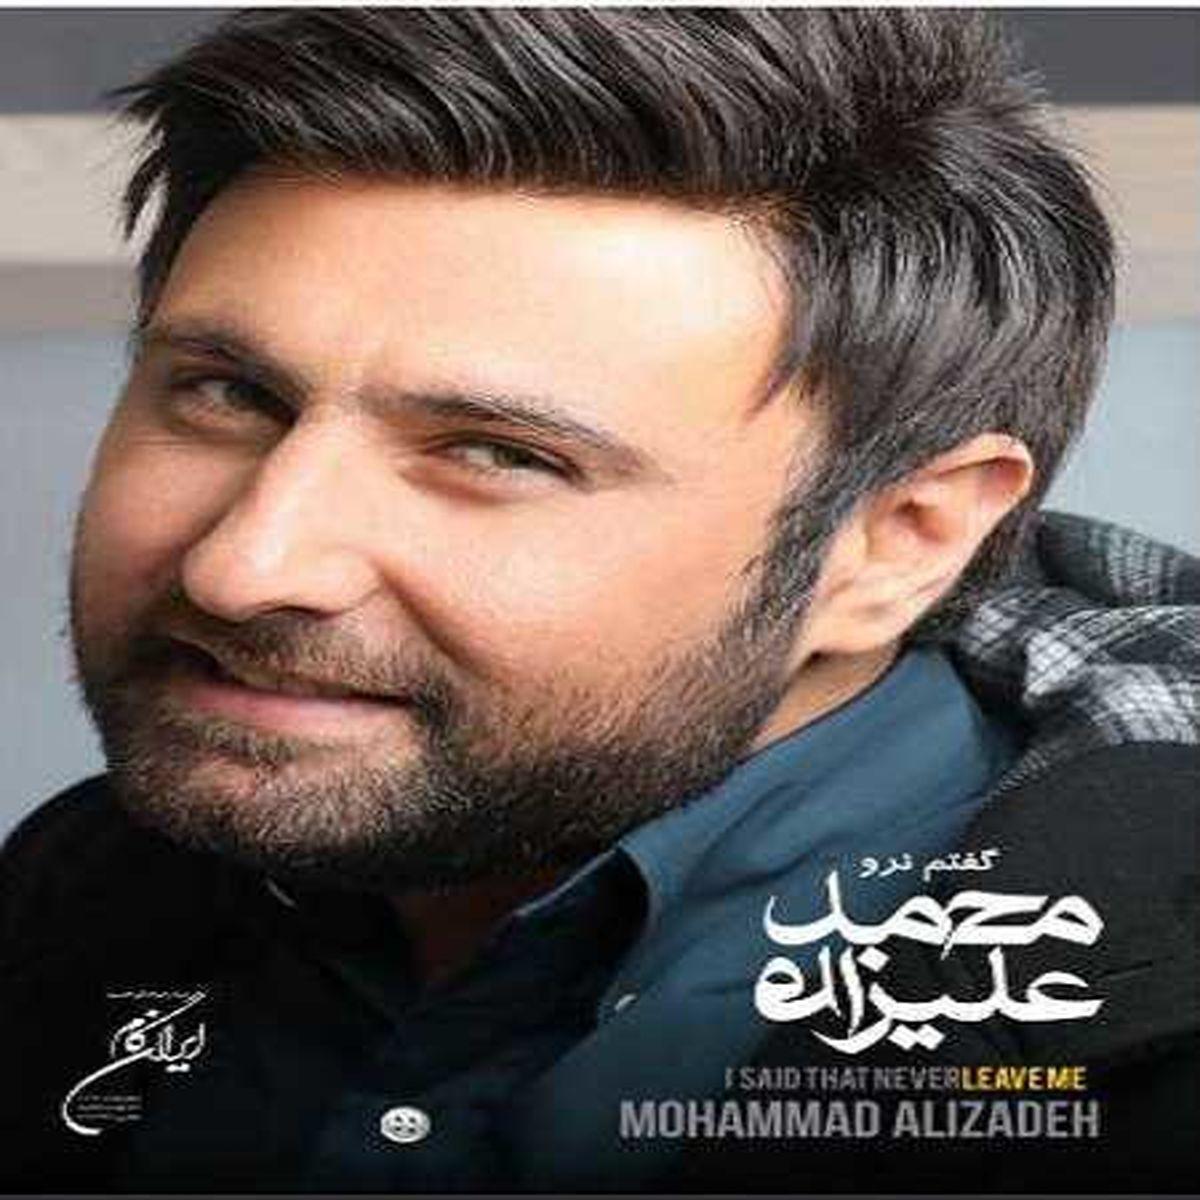 «گفتم نرو» جدیدترین اثر «محمد علیزاده» در صدر پرفروشترین آلبومهای ایران